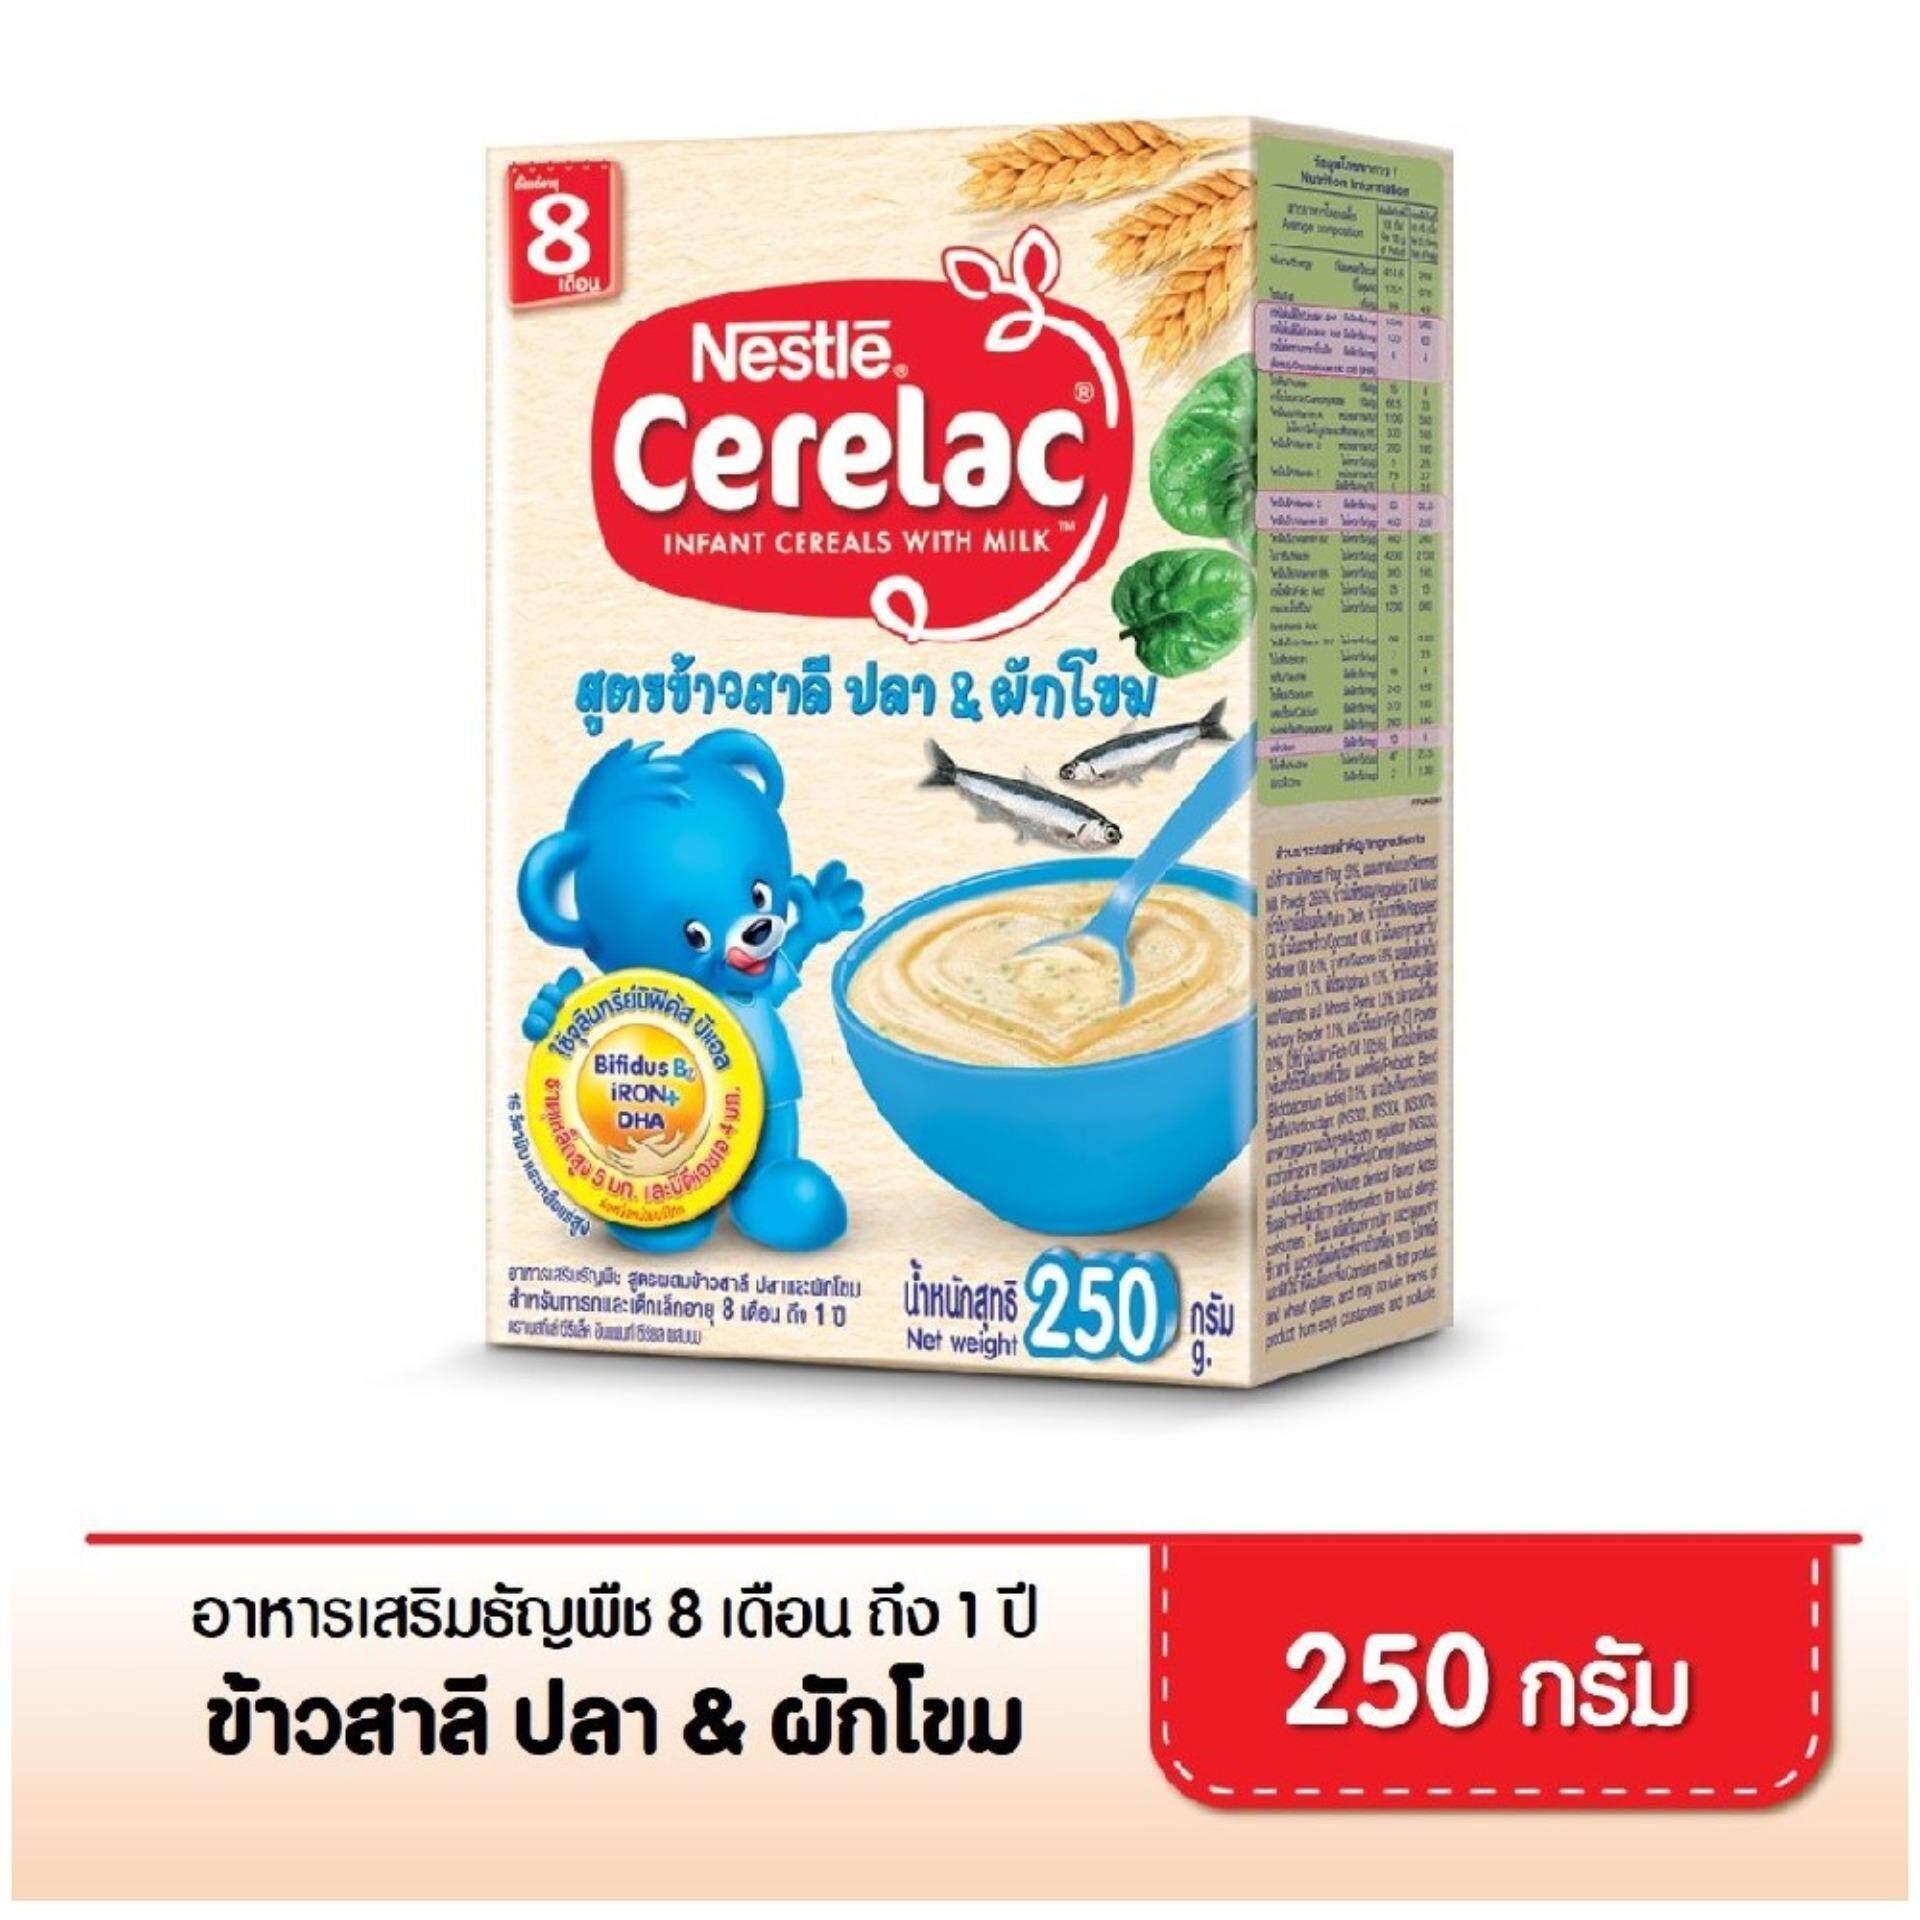 ซีรีแล็ค อาหารเสริมสำหรับเด็ก สูตรผสมปลาและผักโขม ขนาด 250 กรัม (1 กล่อง) By Lazada Retail Cerelac.